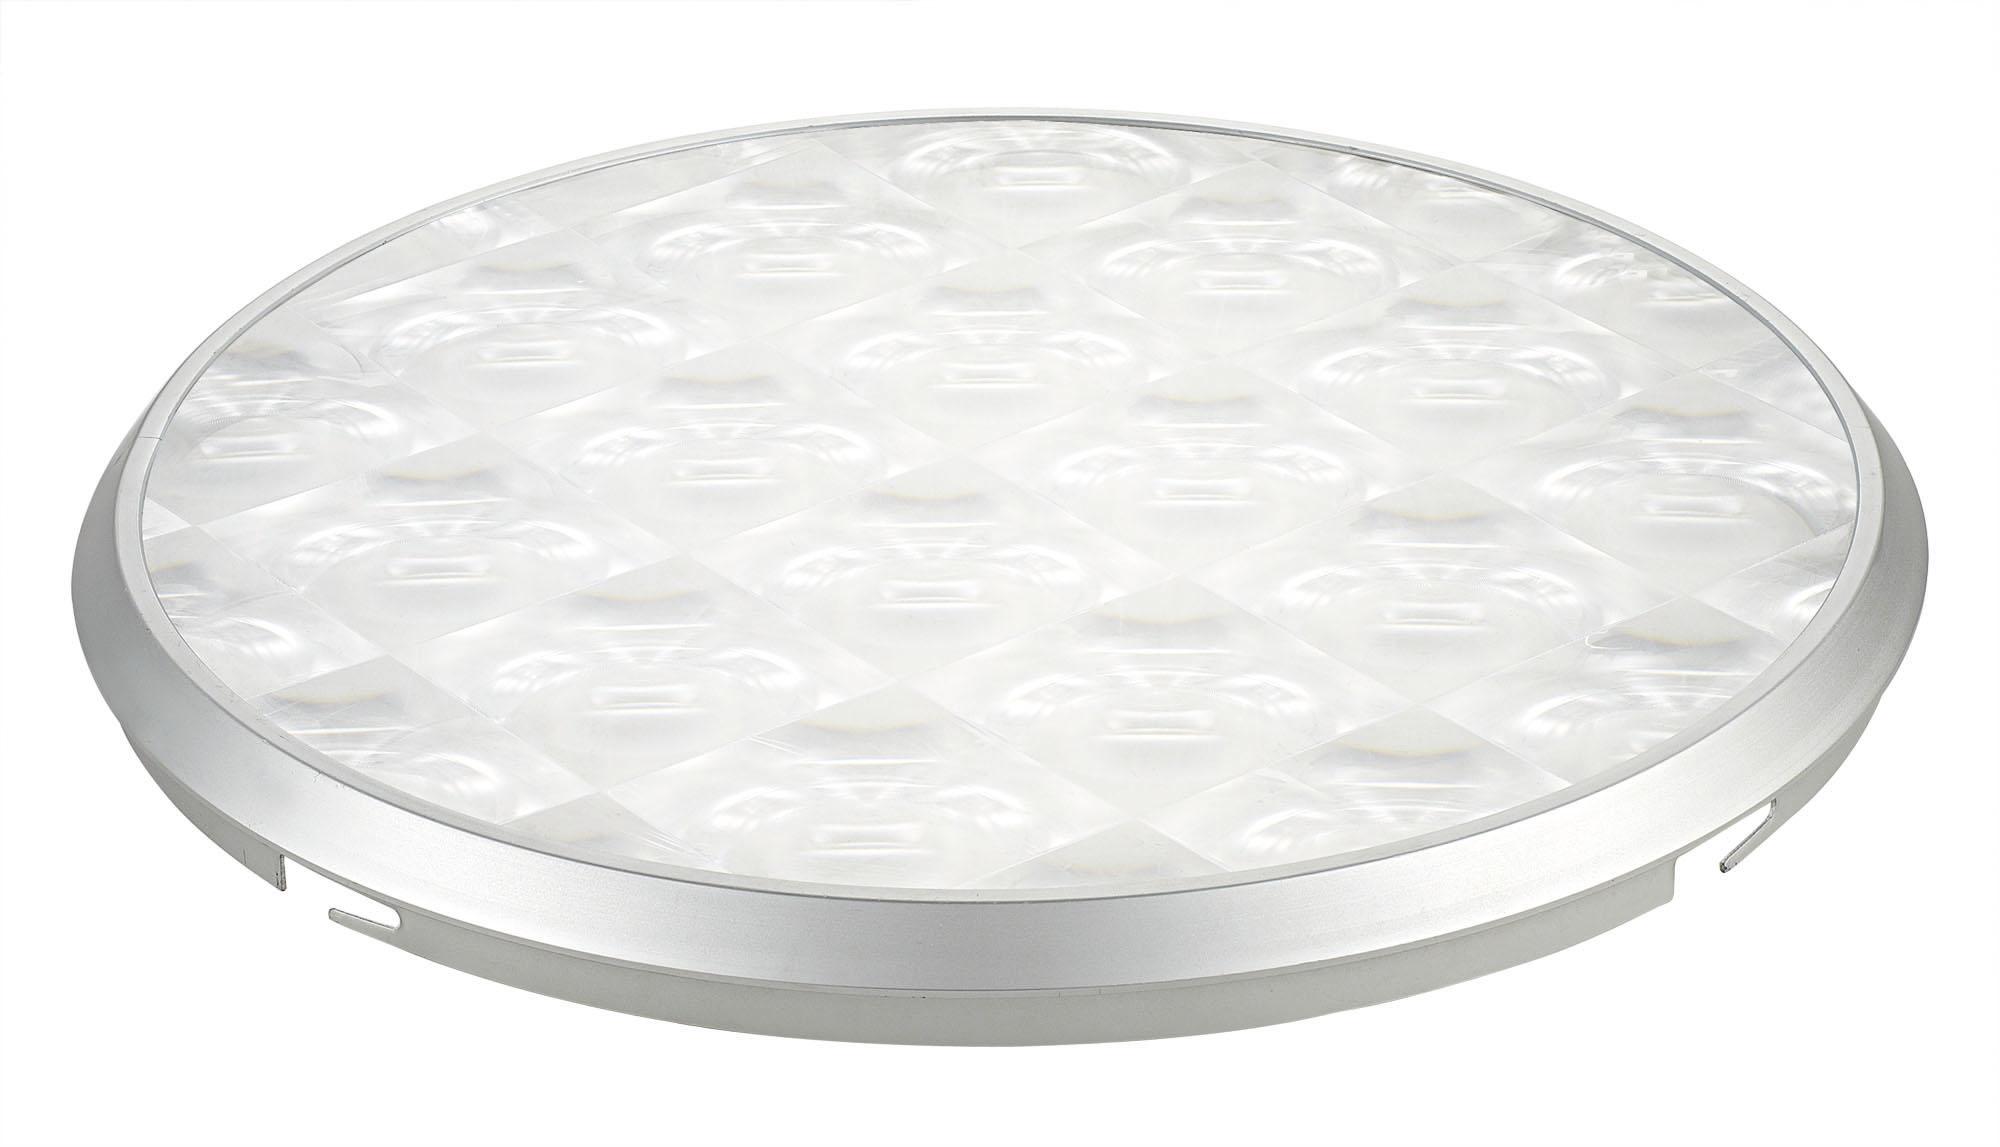 圆形漫射器-自然光照明系统